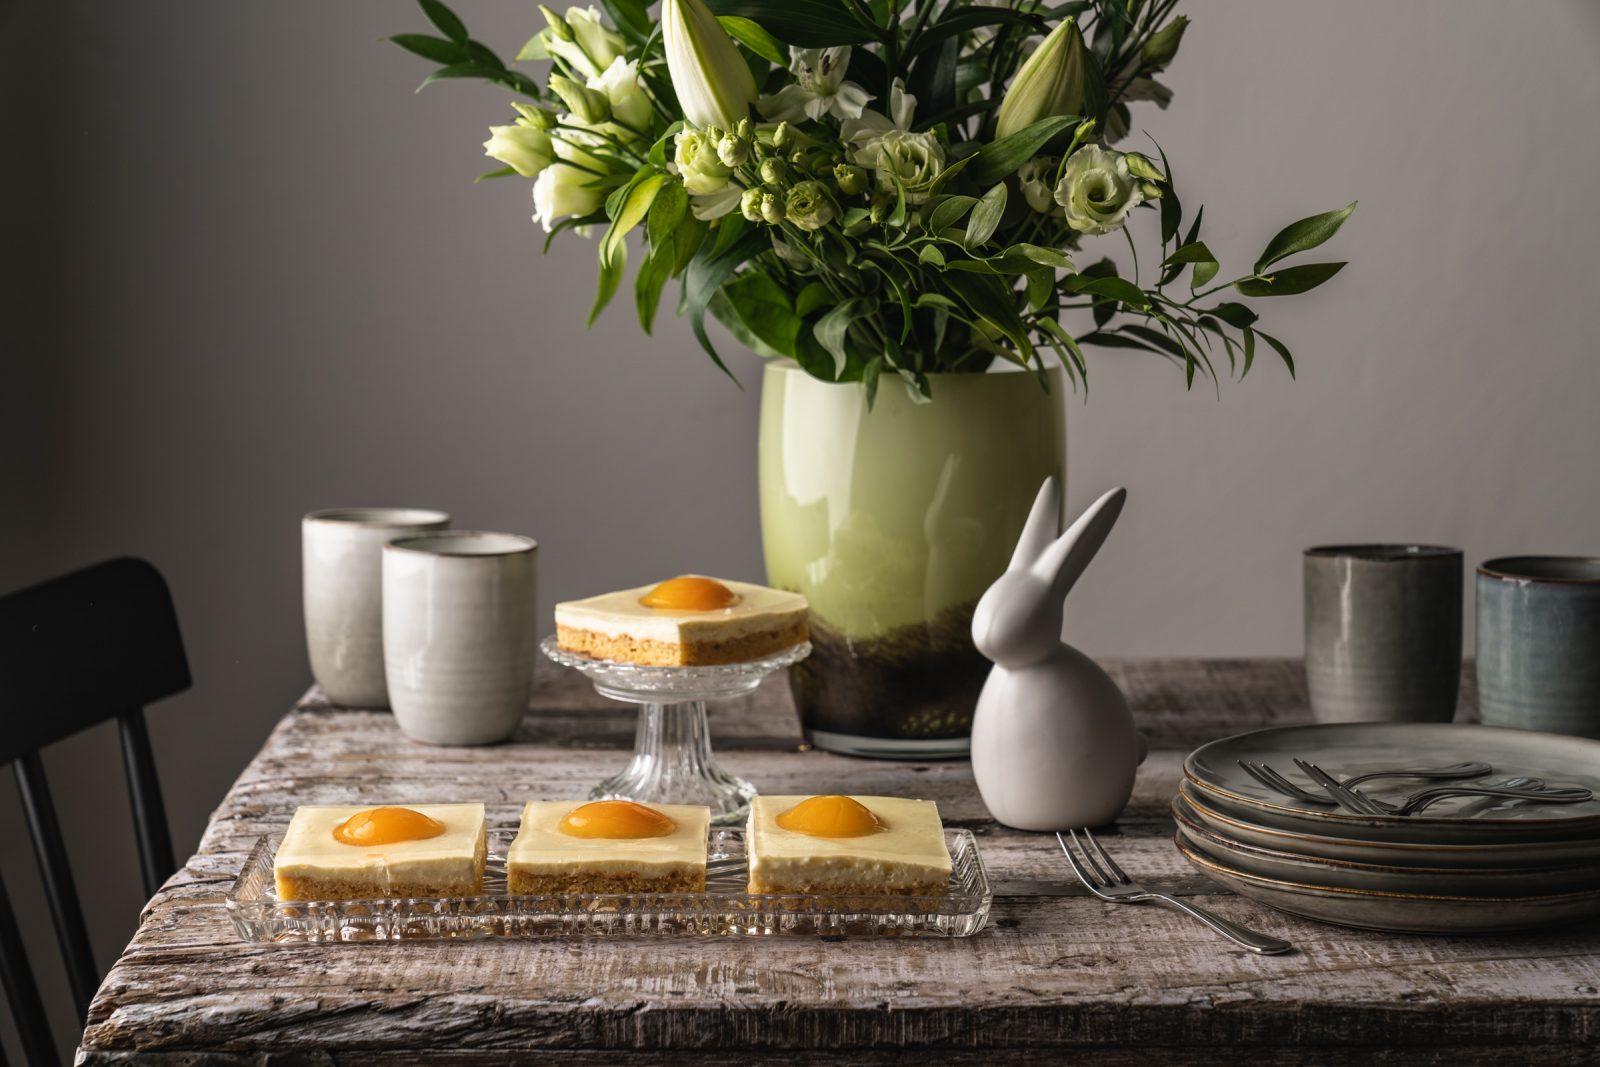 Rezept für den Osterklassiker vom Blech - Spiegeikuchen ist super einfach und schnell gebacken. Der Hingucker auf der Kuchentafel, garantiert!